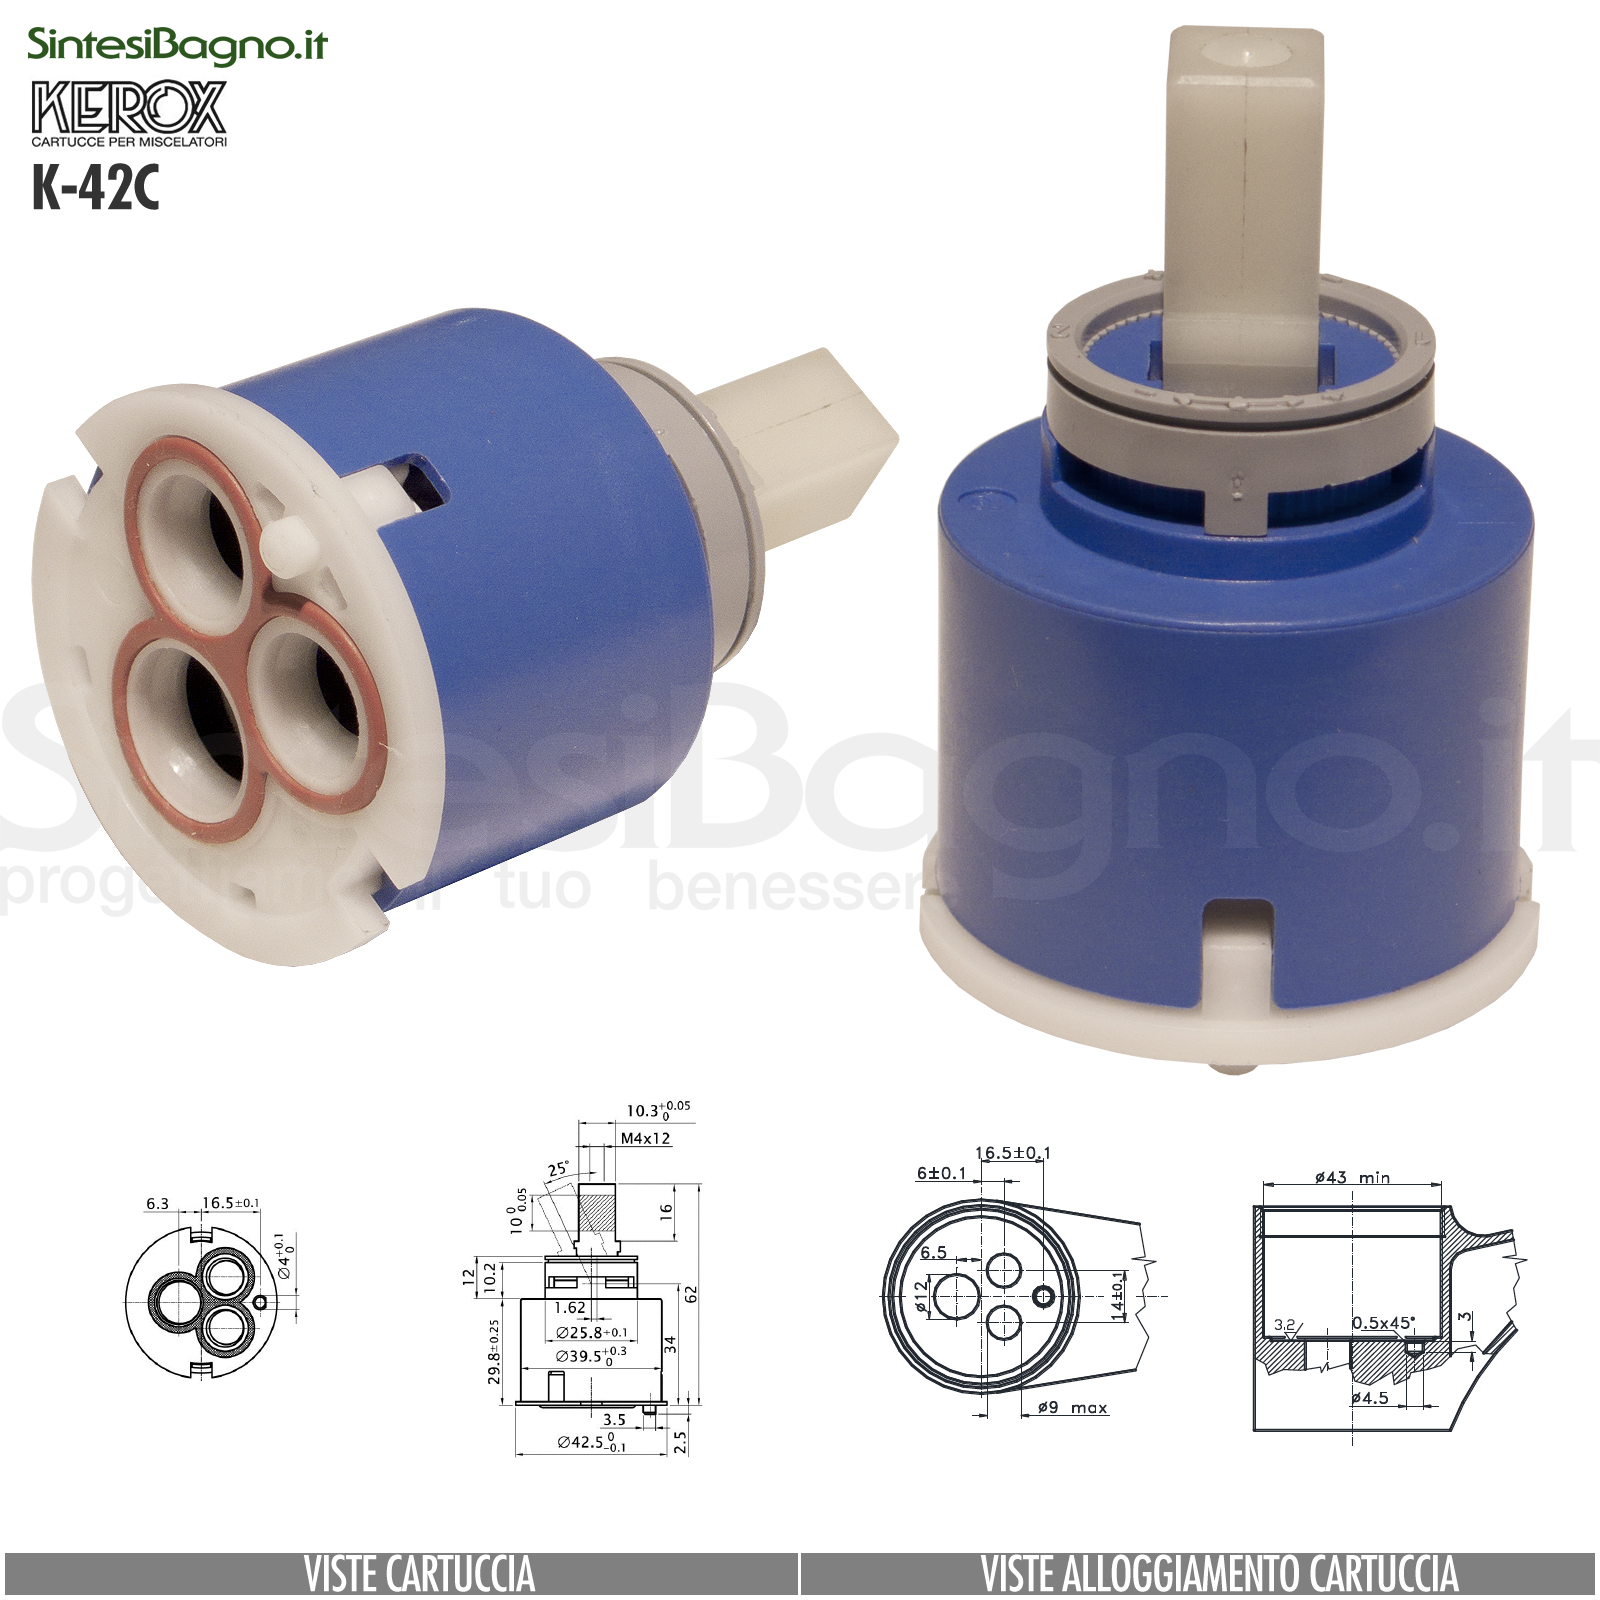 K42C-cartuccia-di-ricambio-KEROX-a-dischi-ceramici-per-miscelatore-monocomando-modello-K-42C